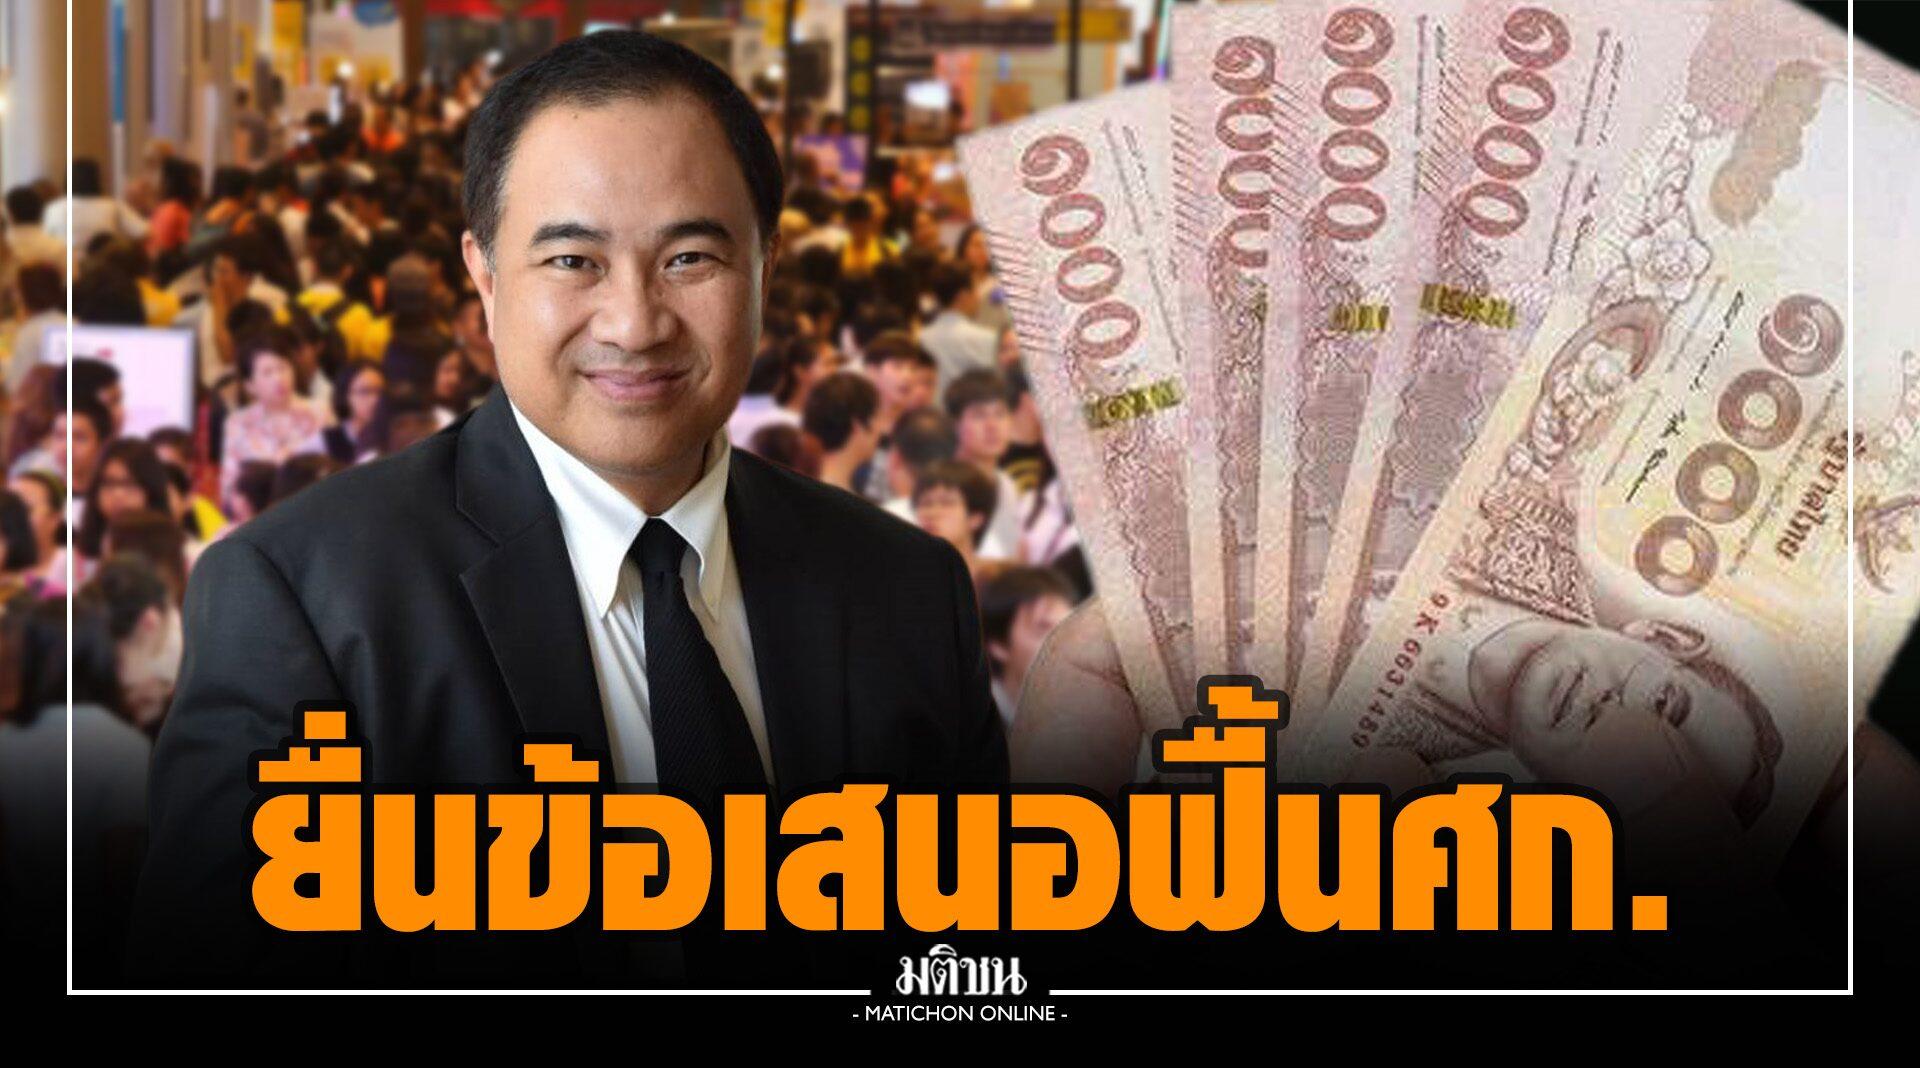 หอการค้าไทย บุกพบขุนคลัง ยื่น '10ข้อเสนอ' เร่งฟื้นฟูศก.